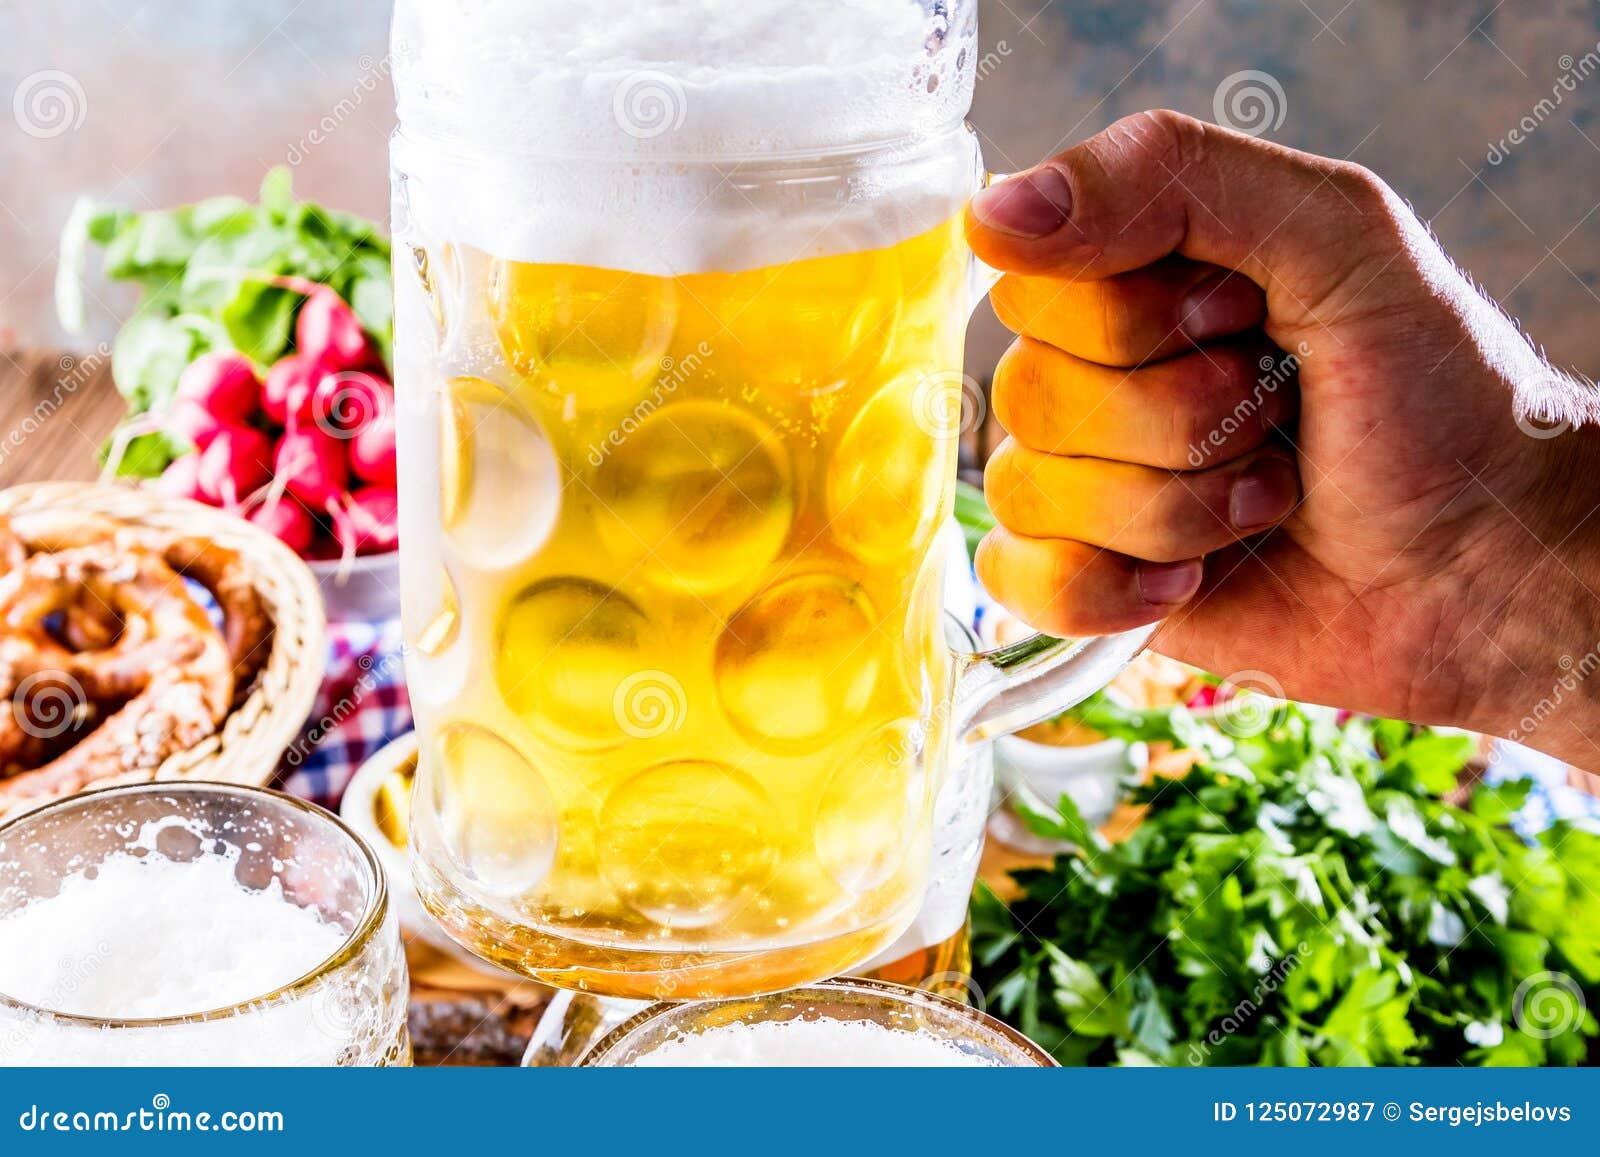 Oktoberfest-Lebensmittelmenü, bayerische Würste mit Brezeln, Kartoffelpüree, Sauerkraut, Bier